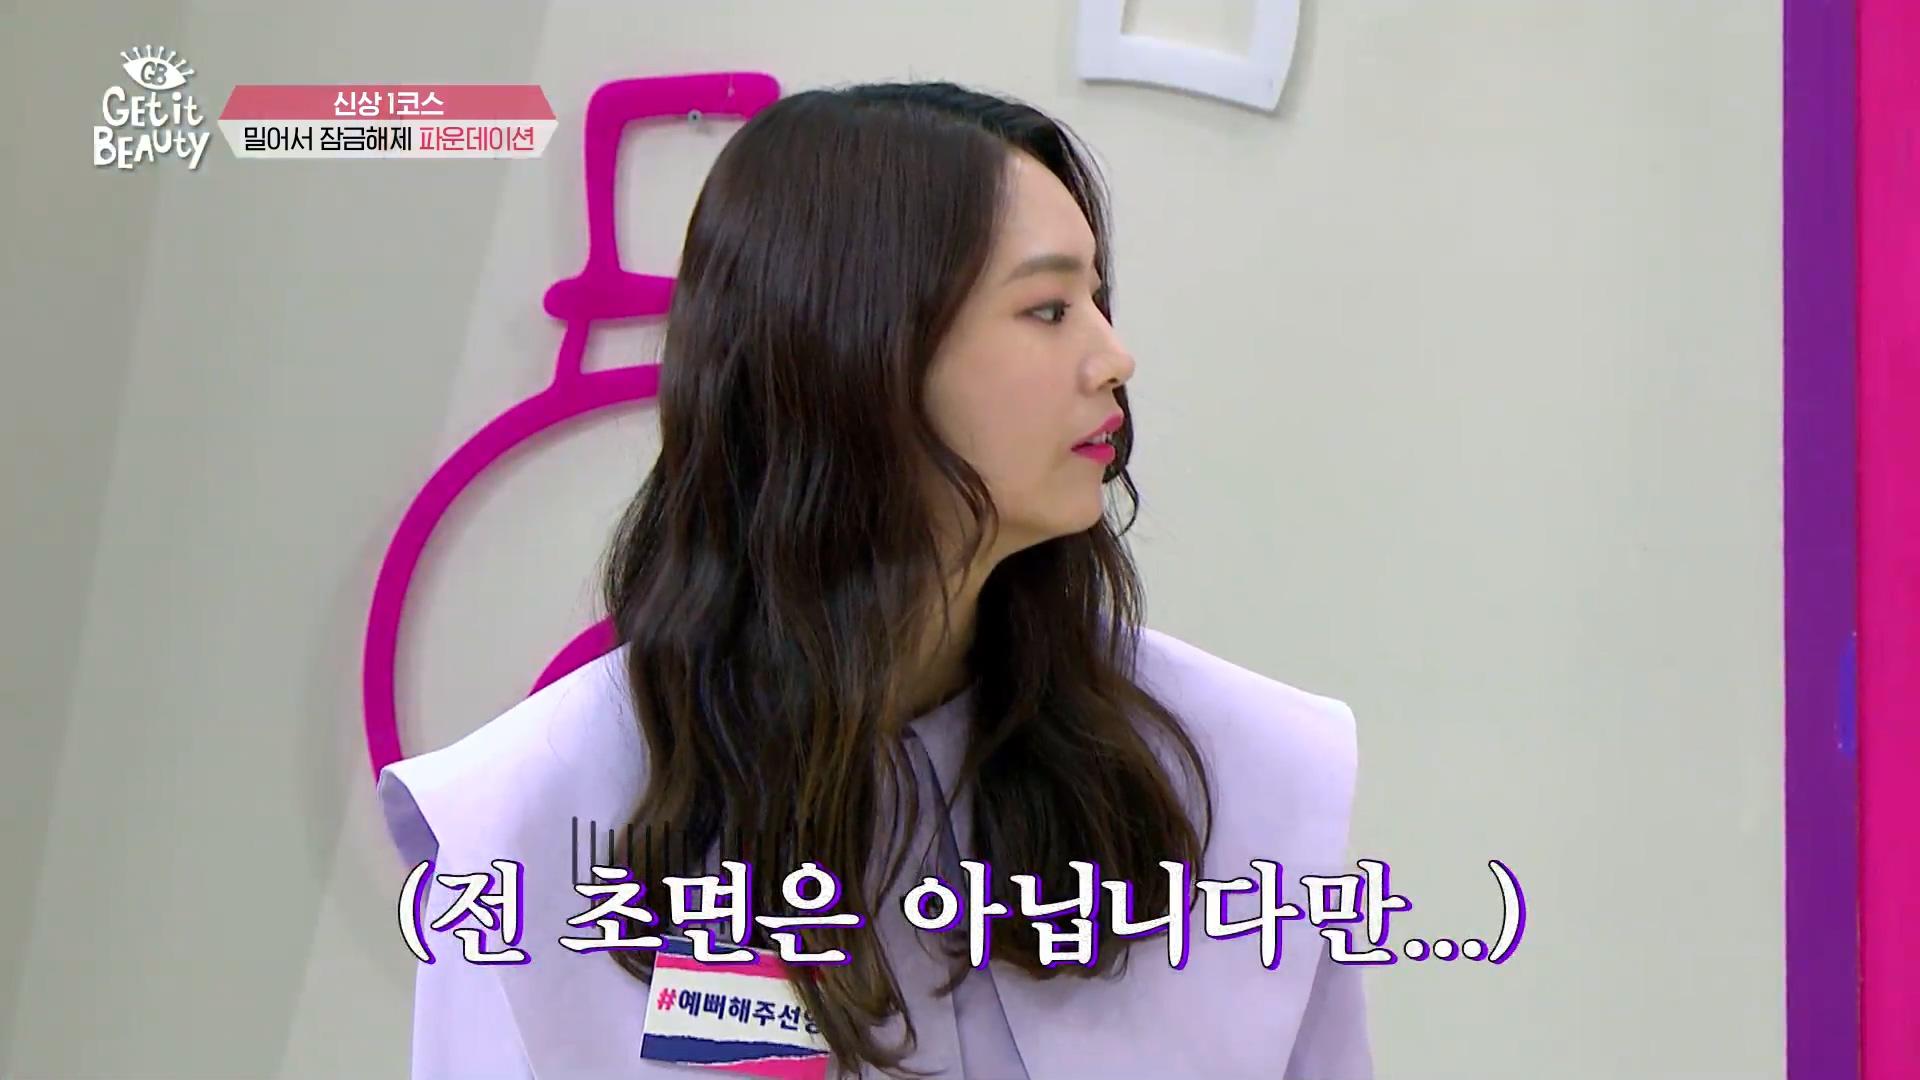 오늘의 신입 회원! #예뻐해주선영 모델 주선영씨입니다~